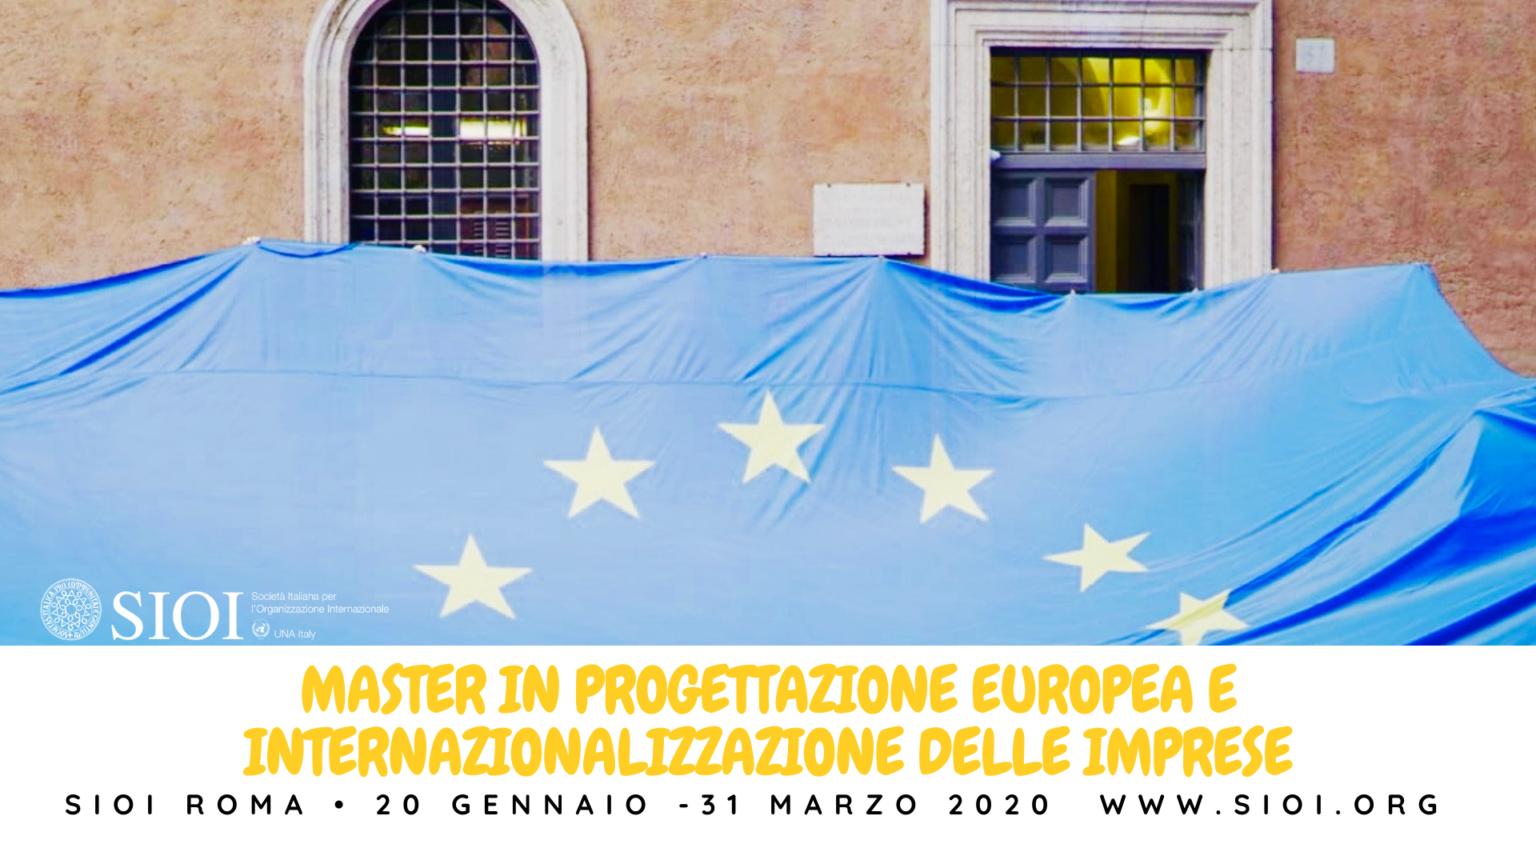 master_sioi_progettazioneeuropea-1536x864.png